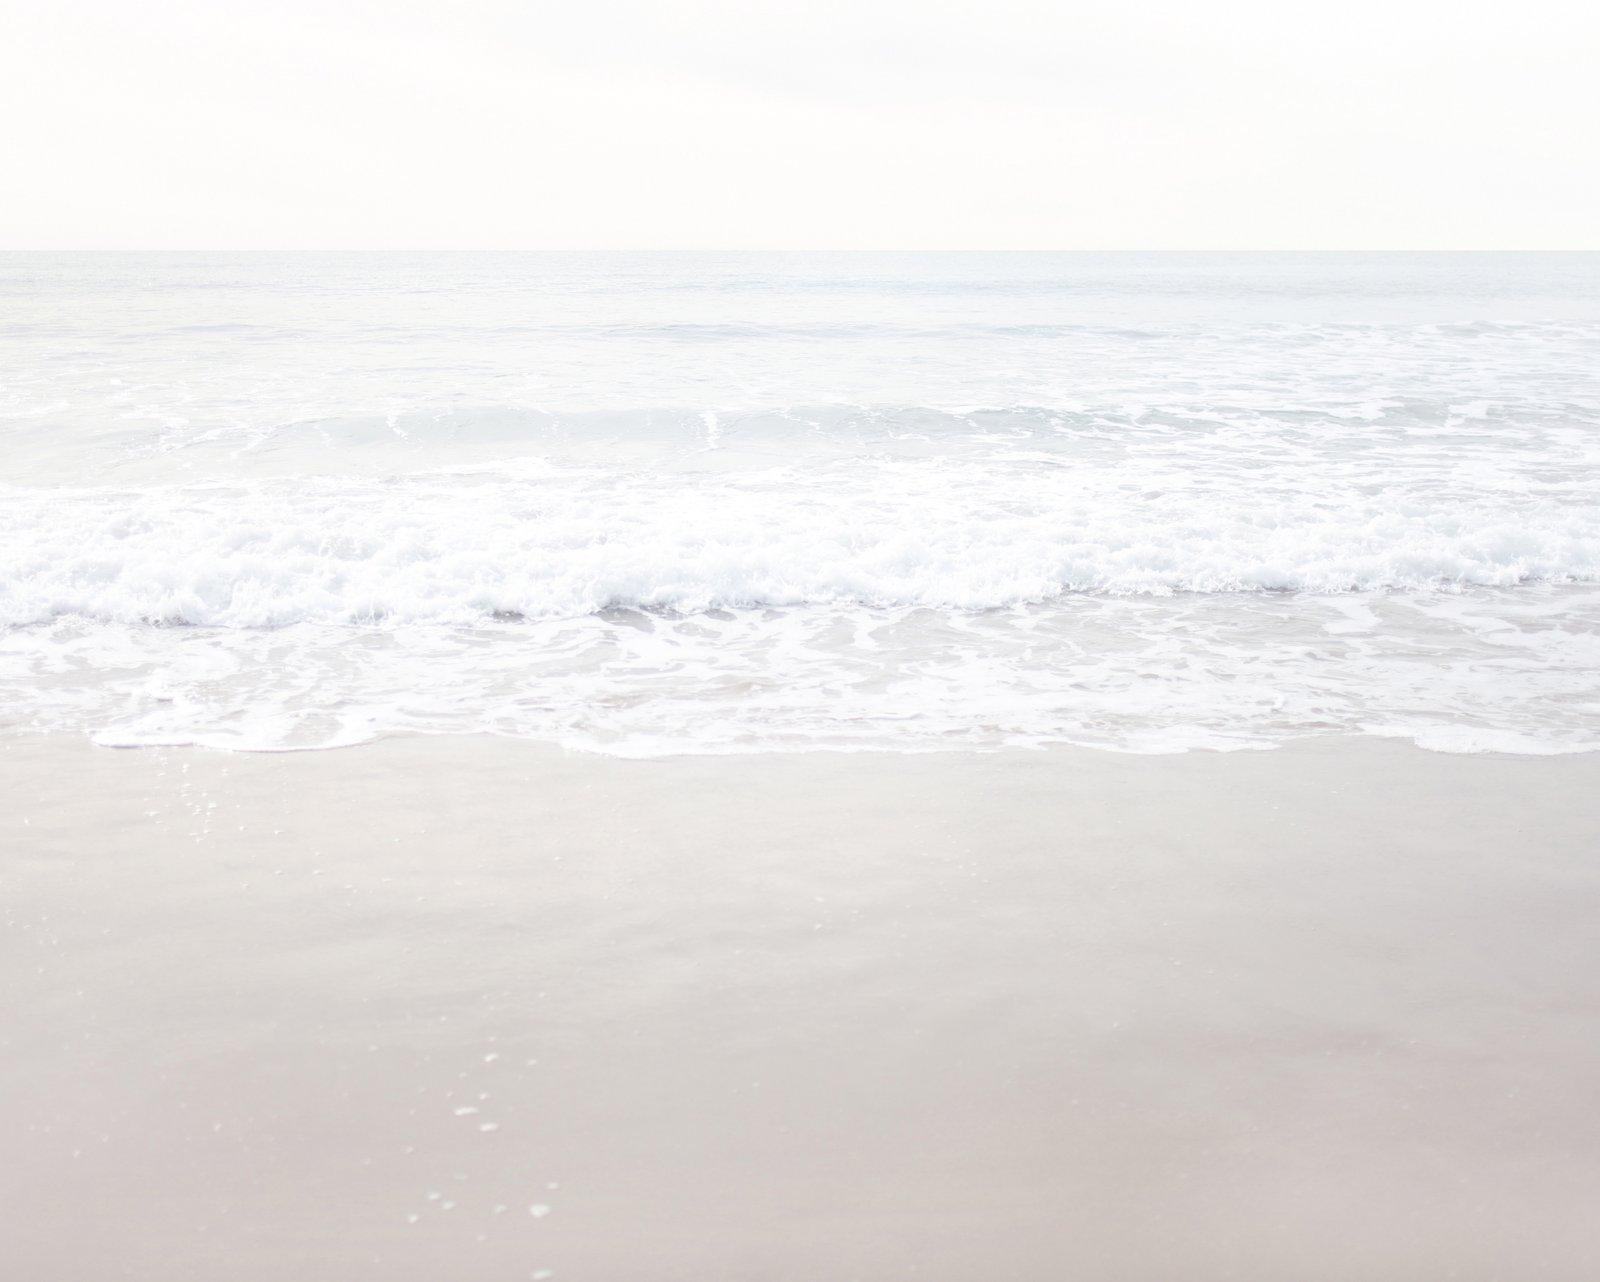 Oceano II